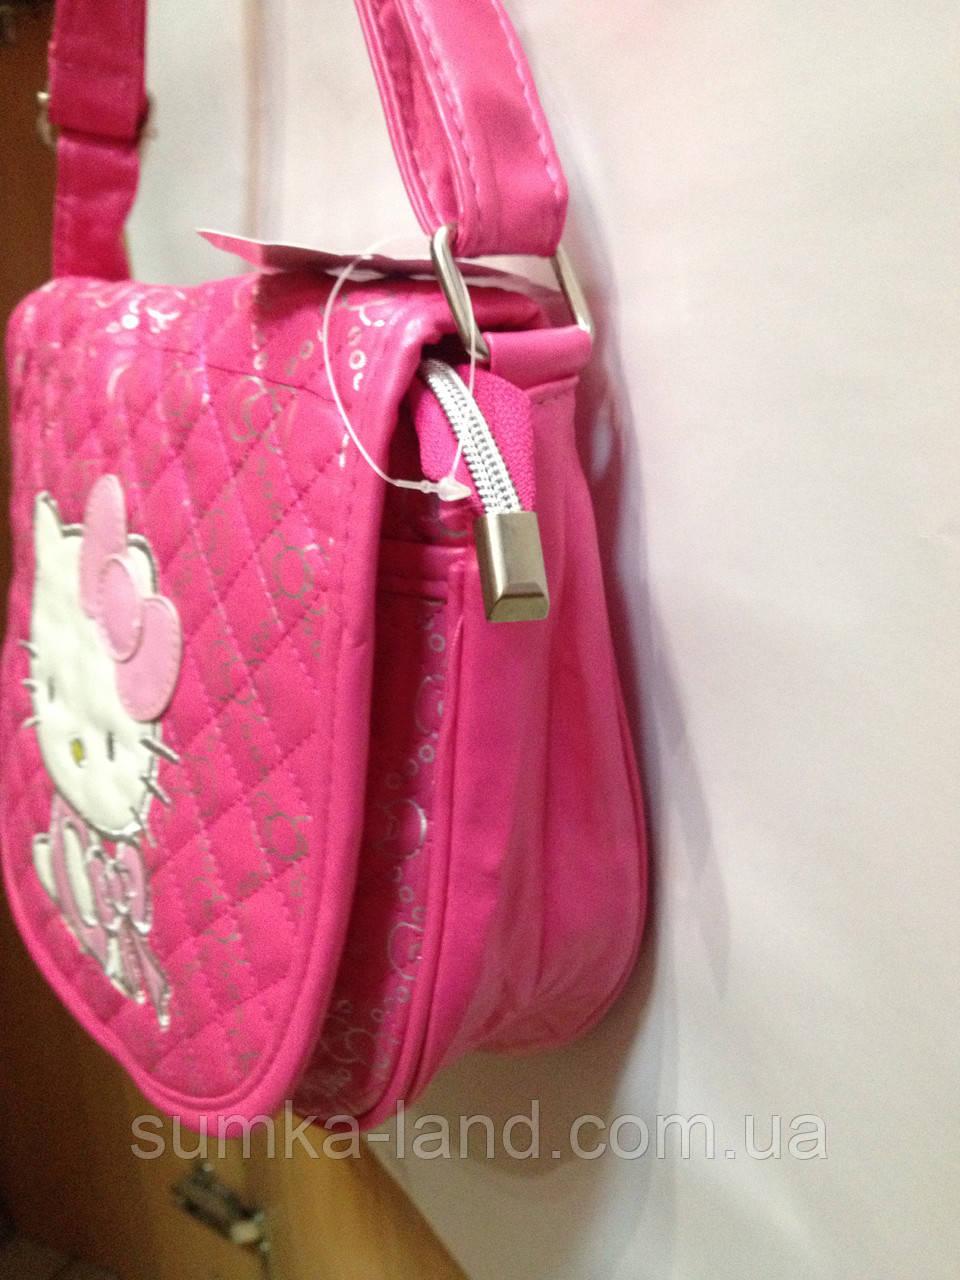 """572035050528 Детская сумка """"Hello Kitty"""" стёганная полукруглой формы с длинным ремешком  через плечо среднего размера. 3 цвета: розовый, малиновый и чёрный."""